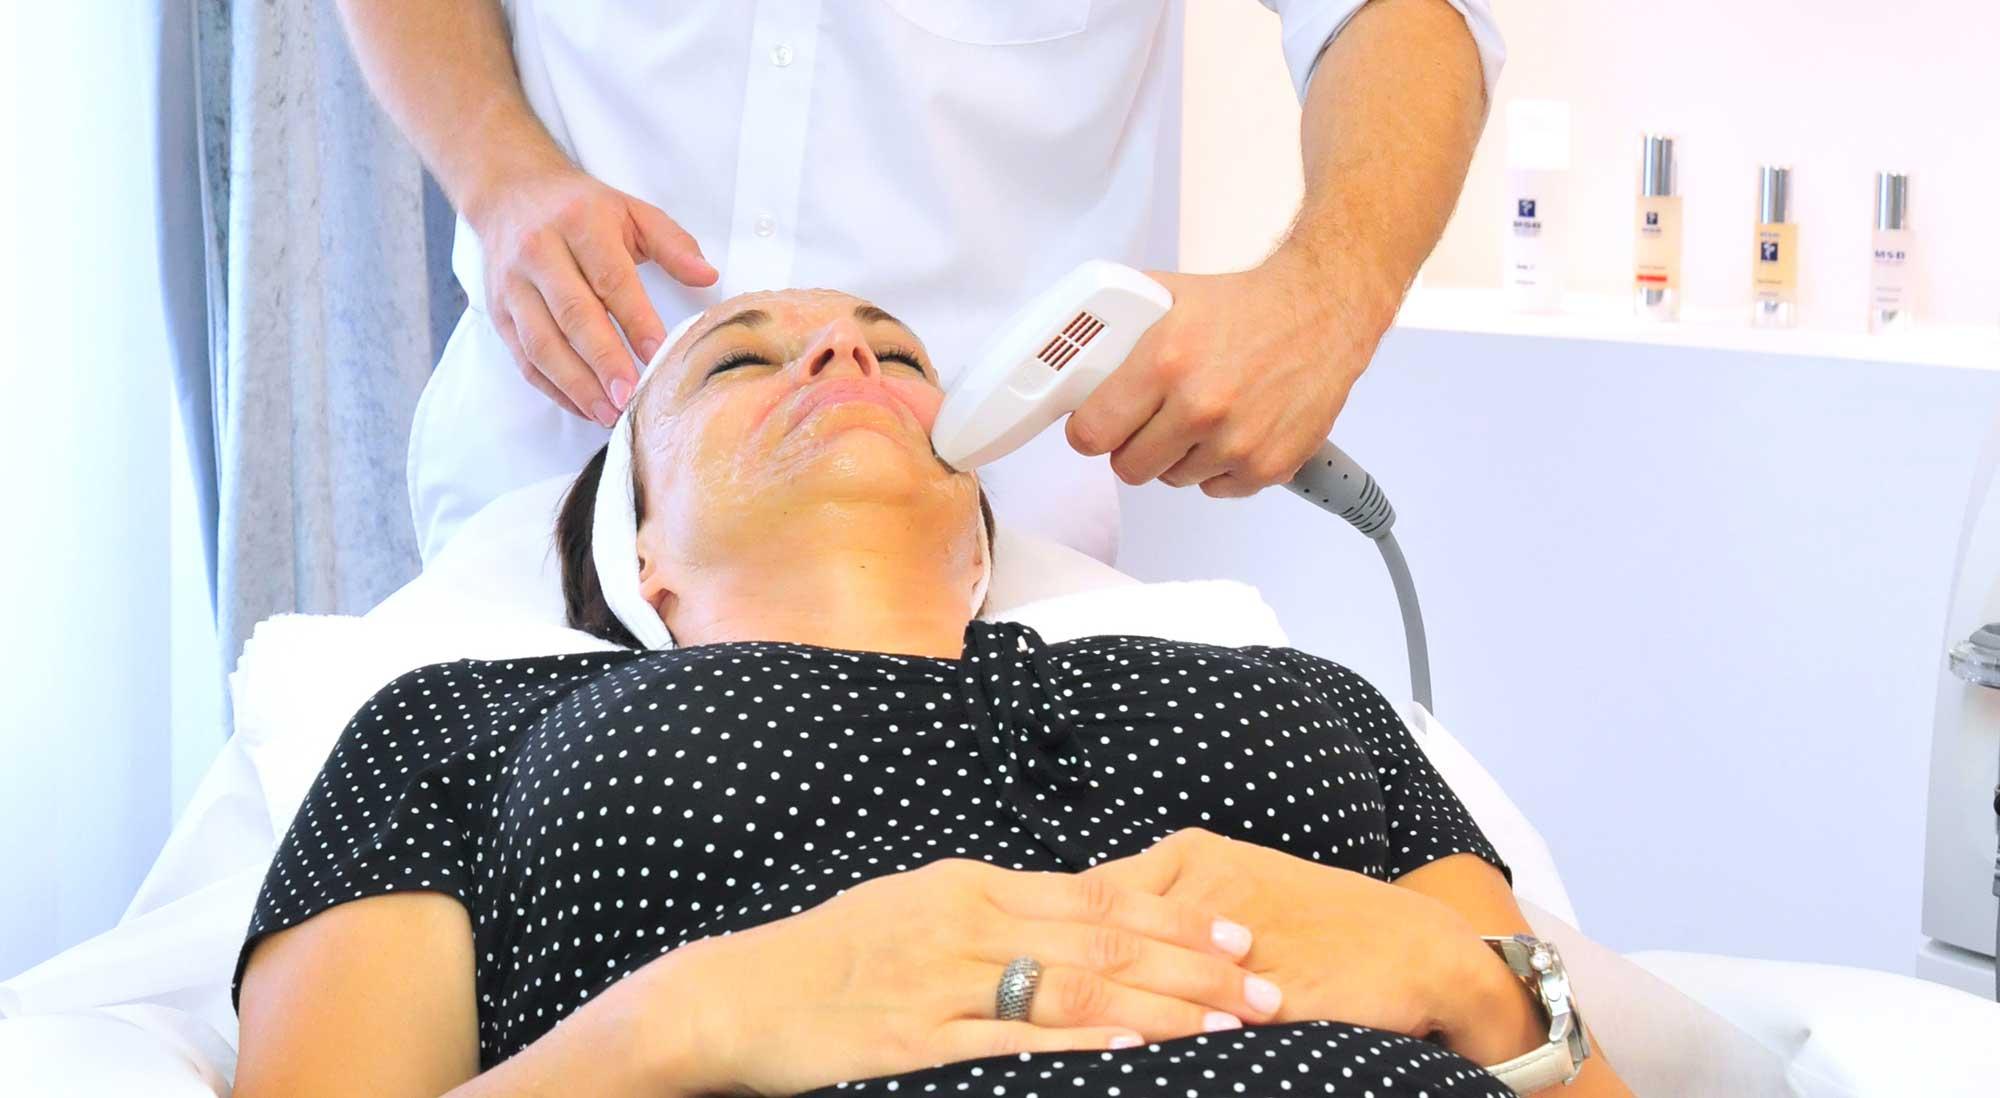 Kosmetik haut manufaktur Henstedt-Ulzburg Anti Aging Gesichtsbehandlung mit Radiofrequenz gegen Falten